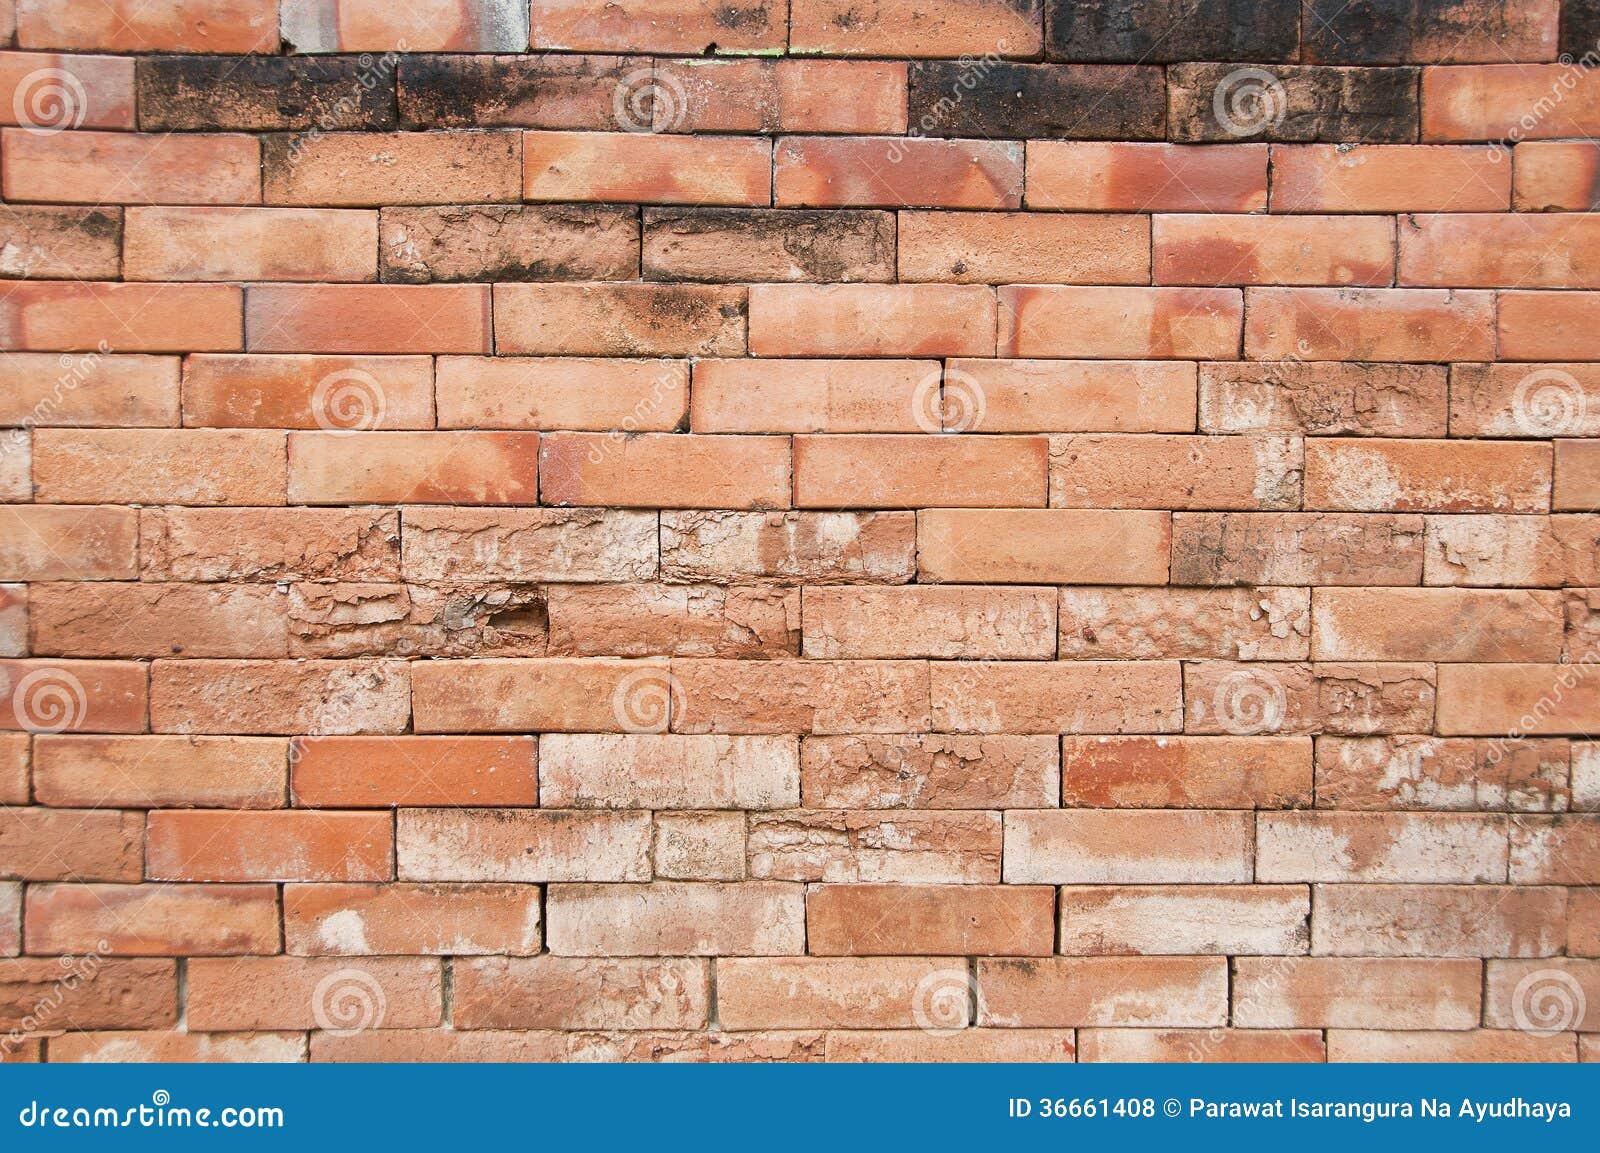 Old Brick Wall Royalty Free Stock Photos Image 36661408